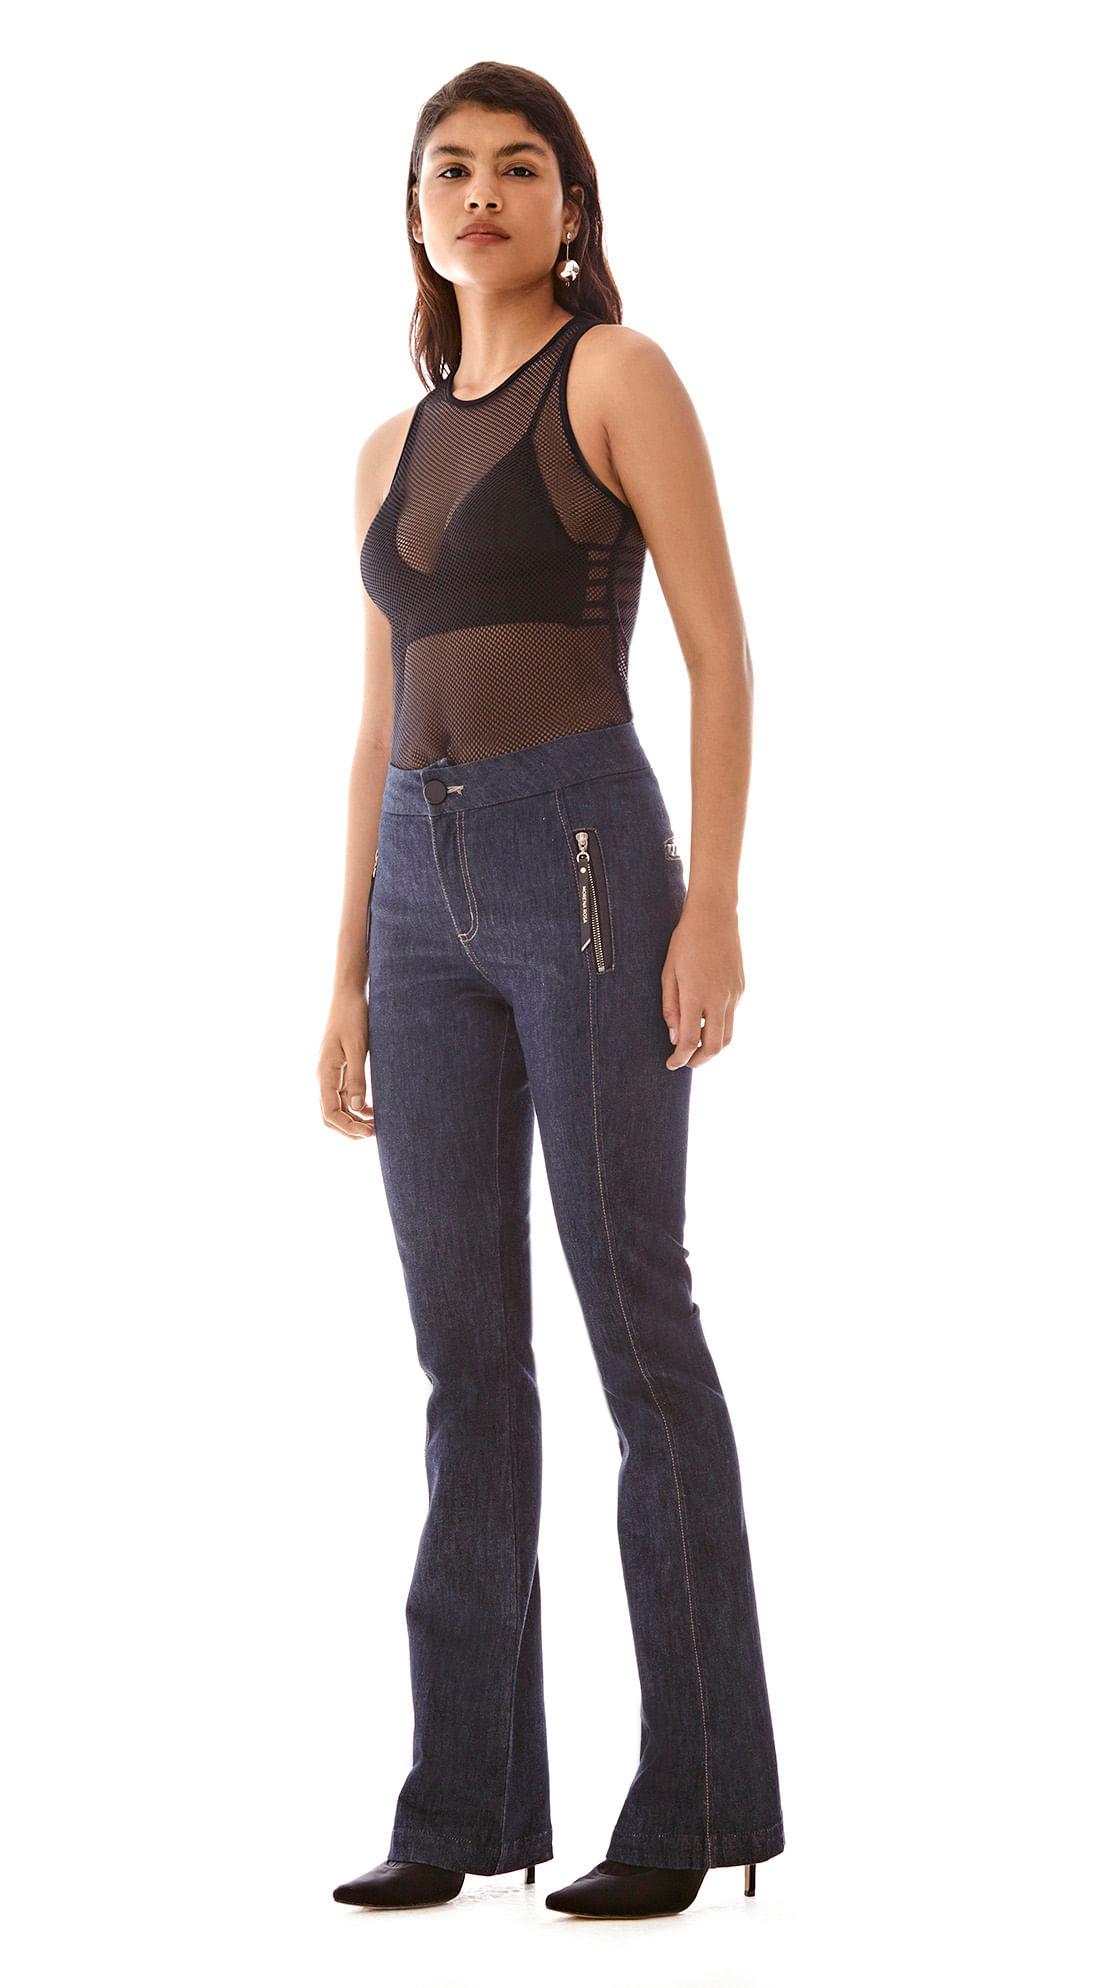 1d0a7e157 Calca Boot Cut Carol Cos Alto Detalhe Ziper Jeans - morenarosa